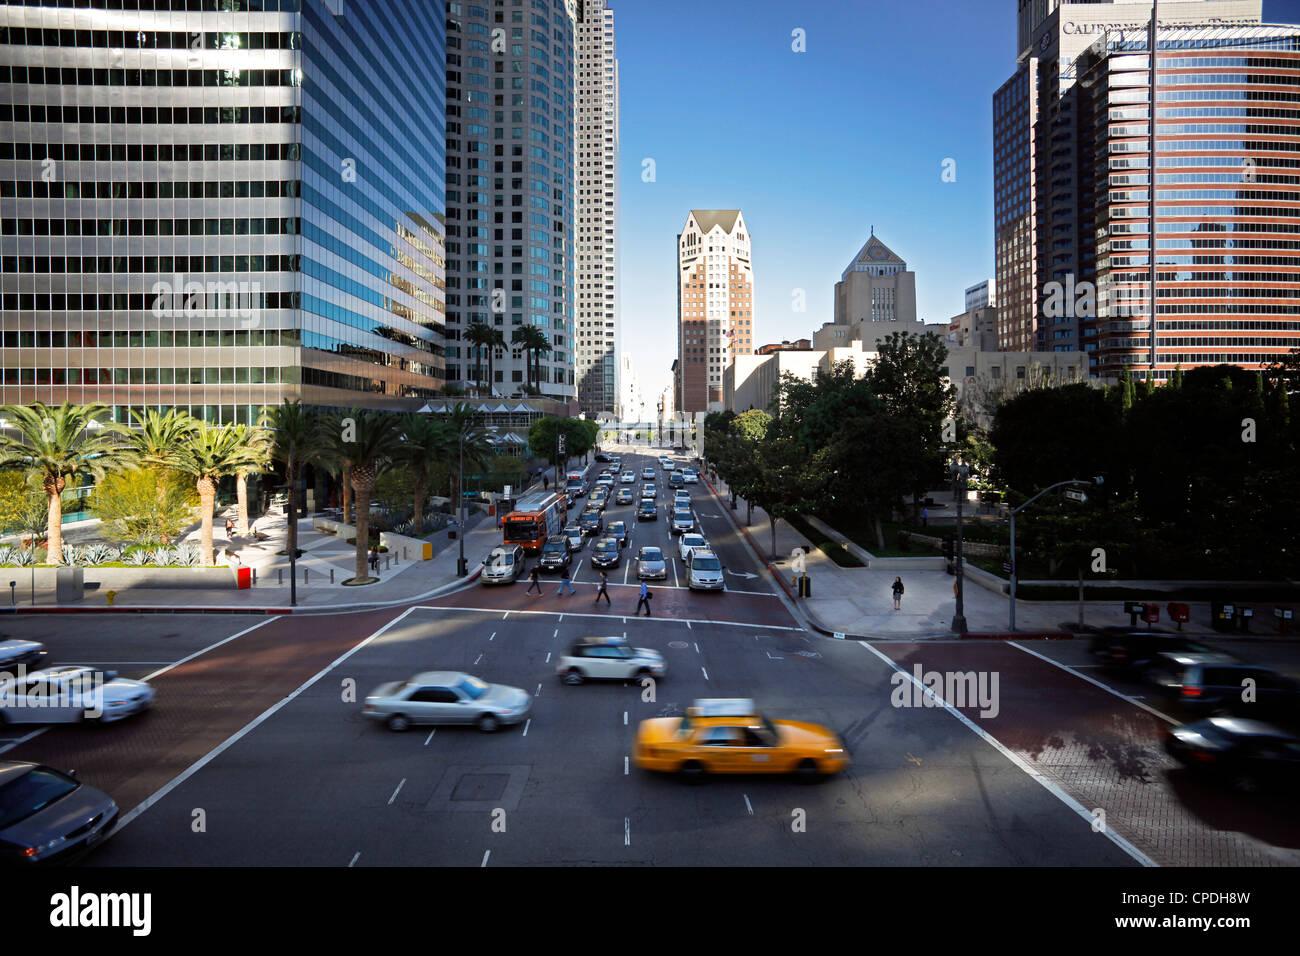 Il centro di Los Angeles, California, Stati Uniti d'America, America del Nord Immagini Stock